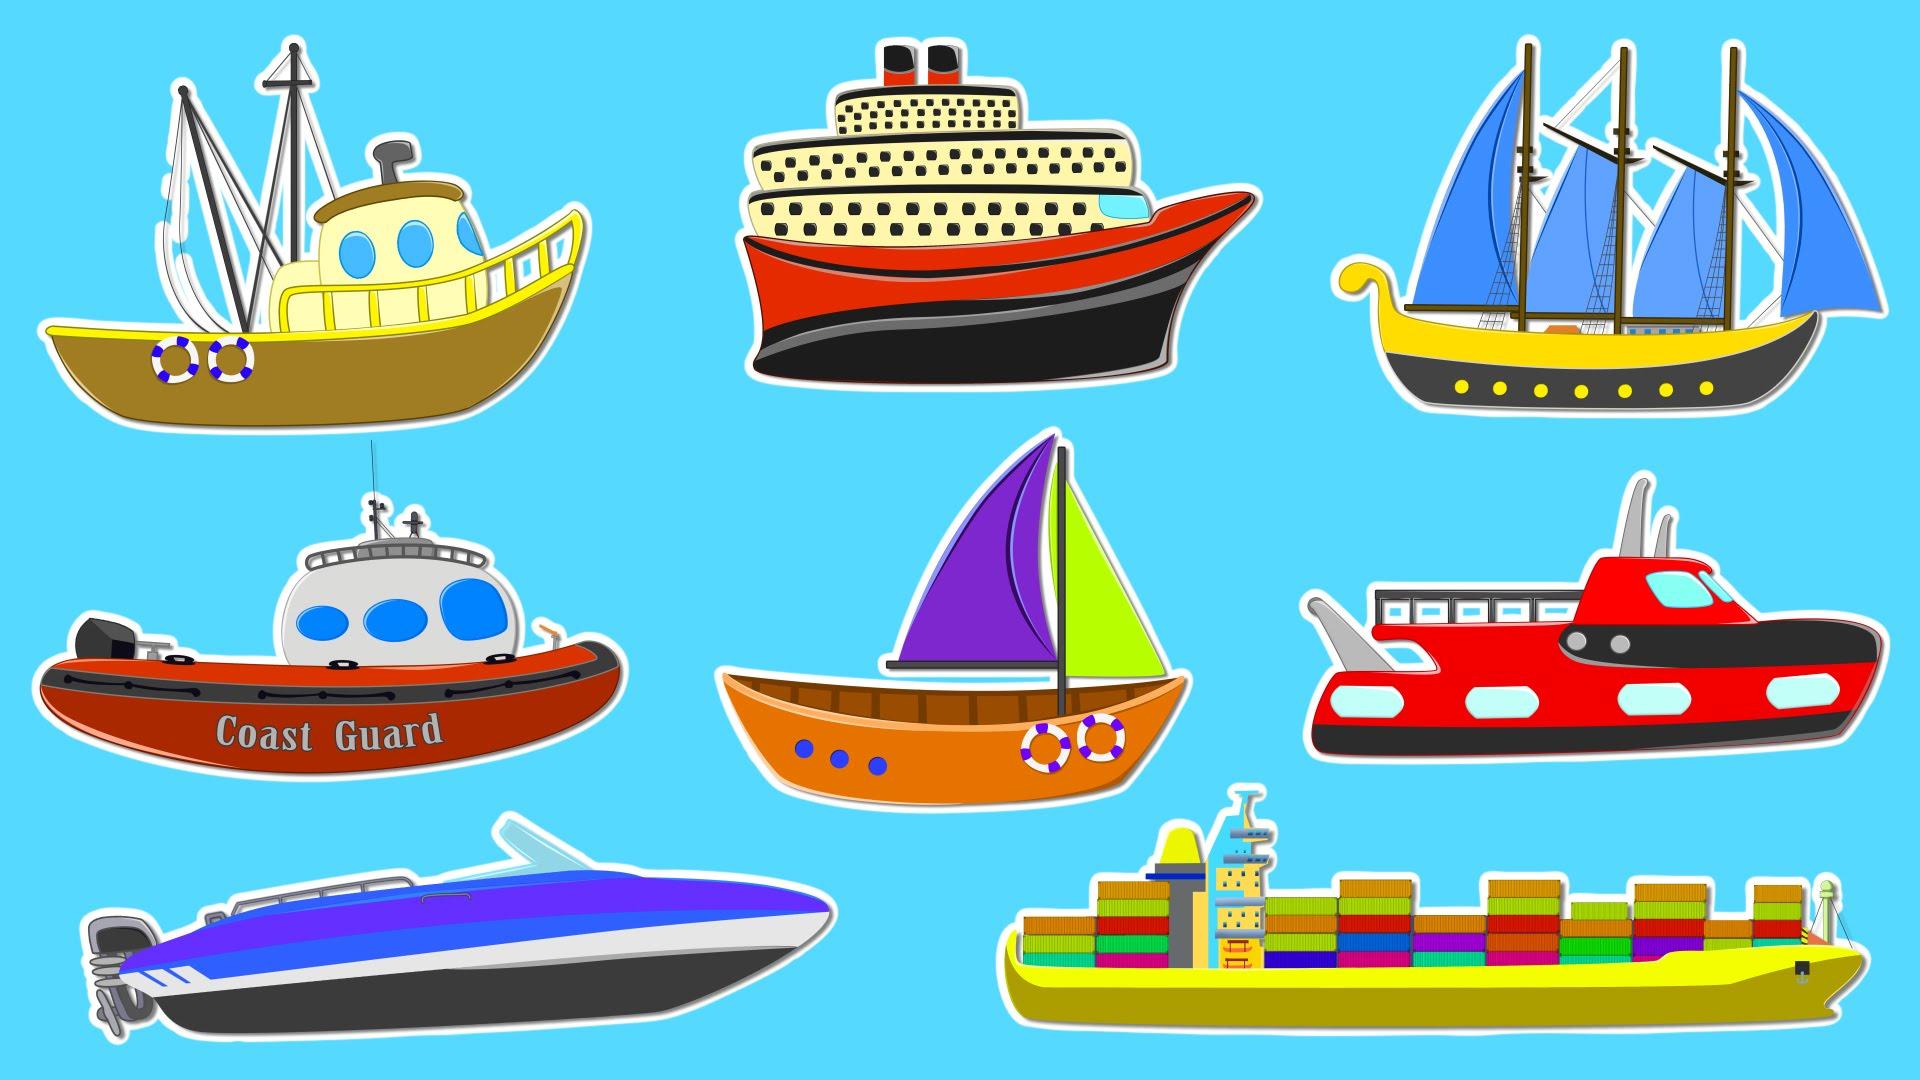 Canoe Clipart Sea Transportation Canoe Sea Transportation